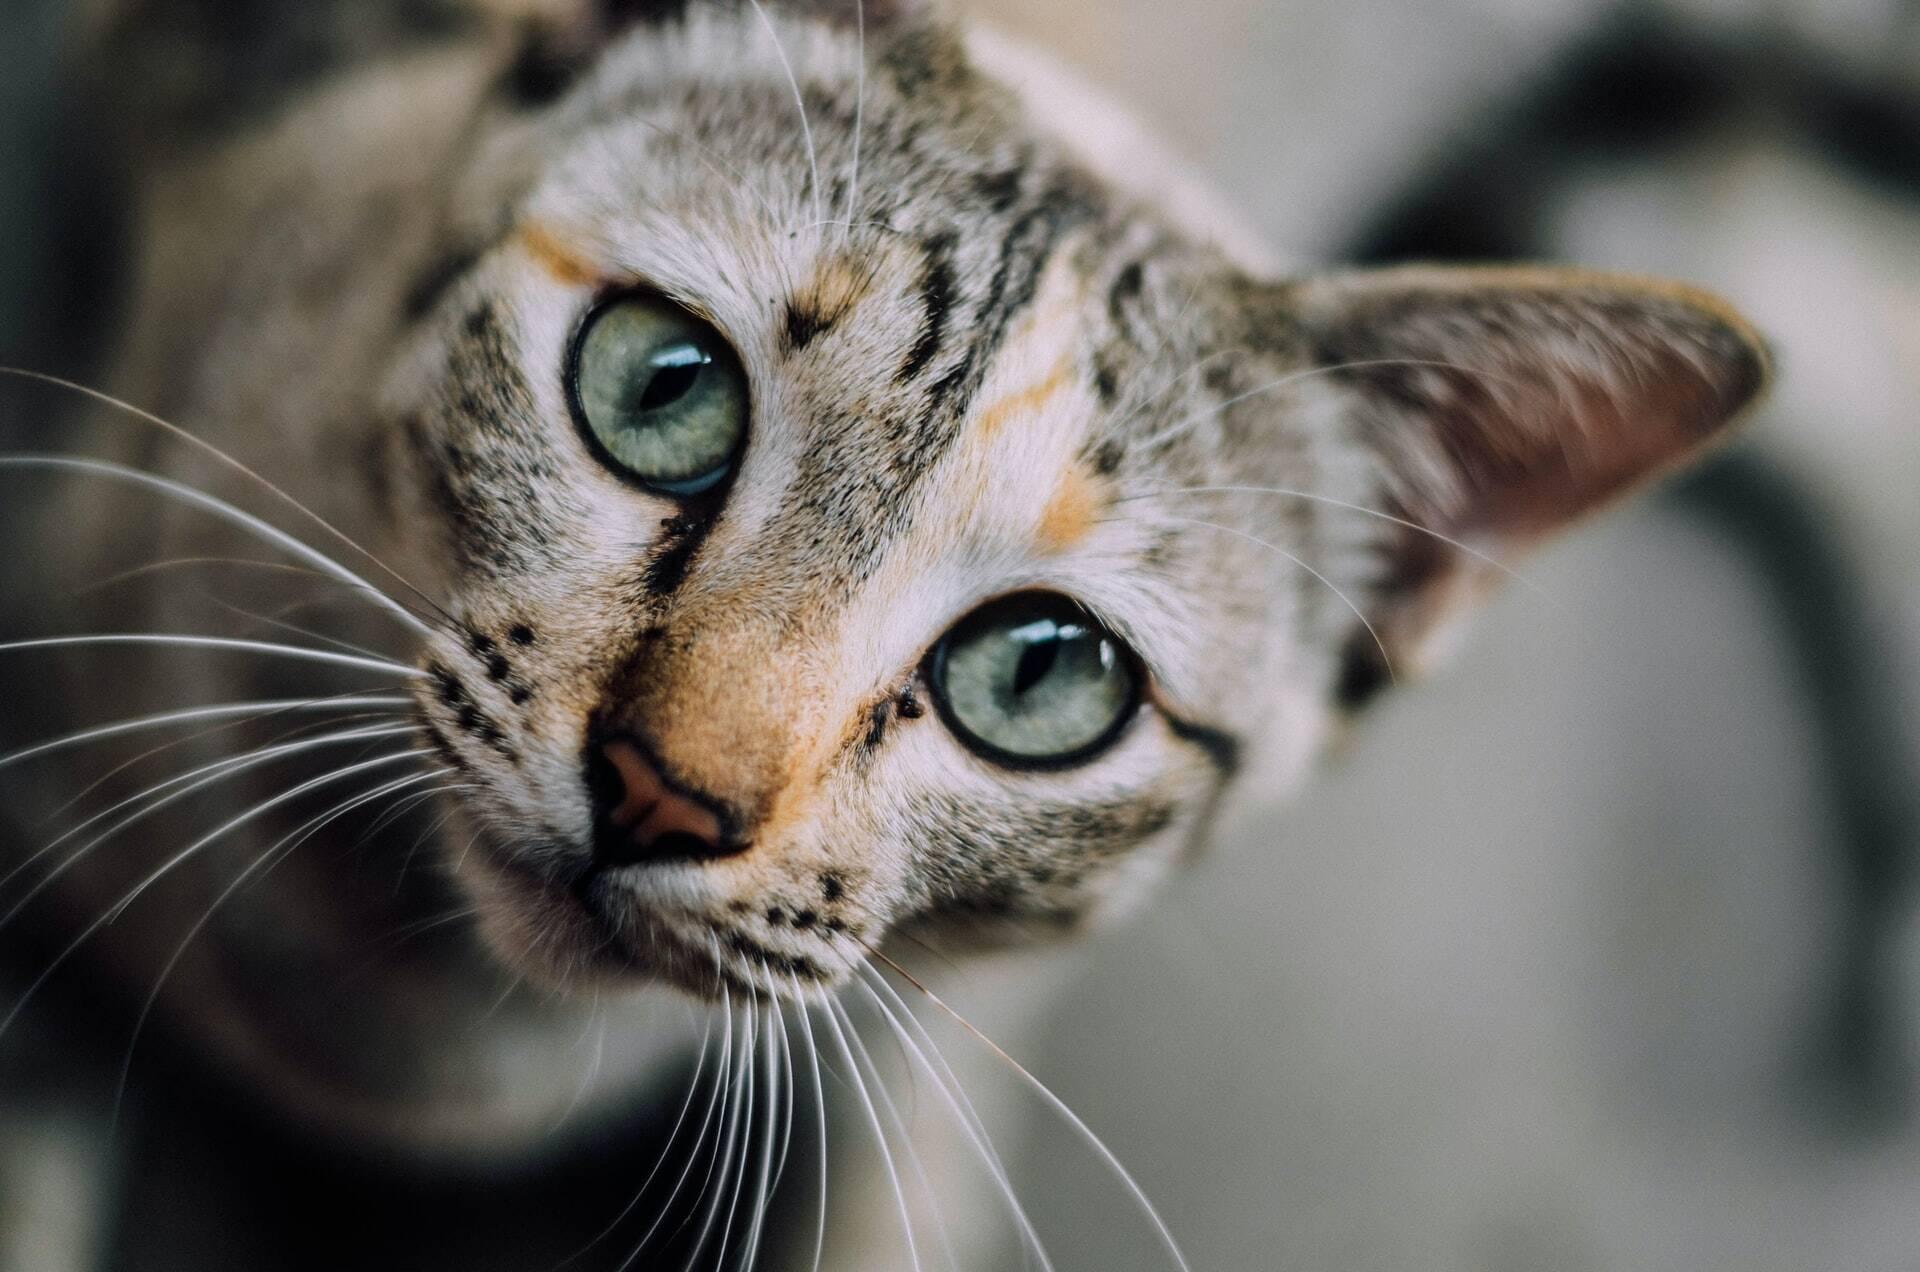 Os 6 comportamentos mais bizarros dos gatos e por que eles fazem isso